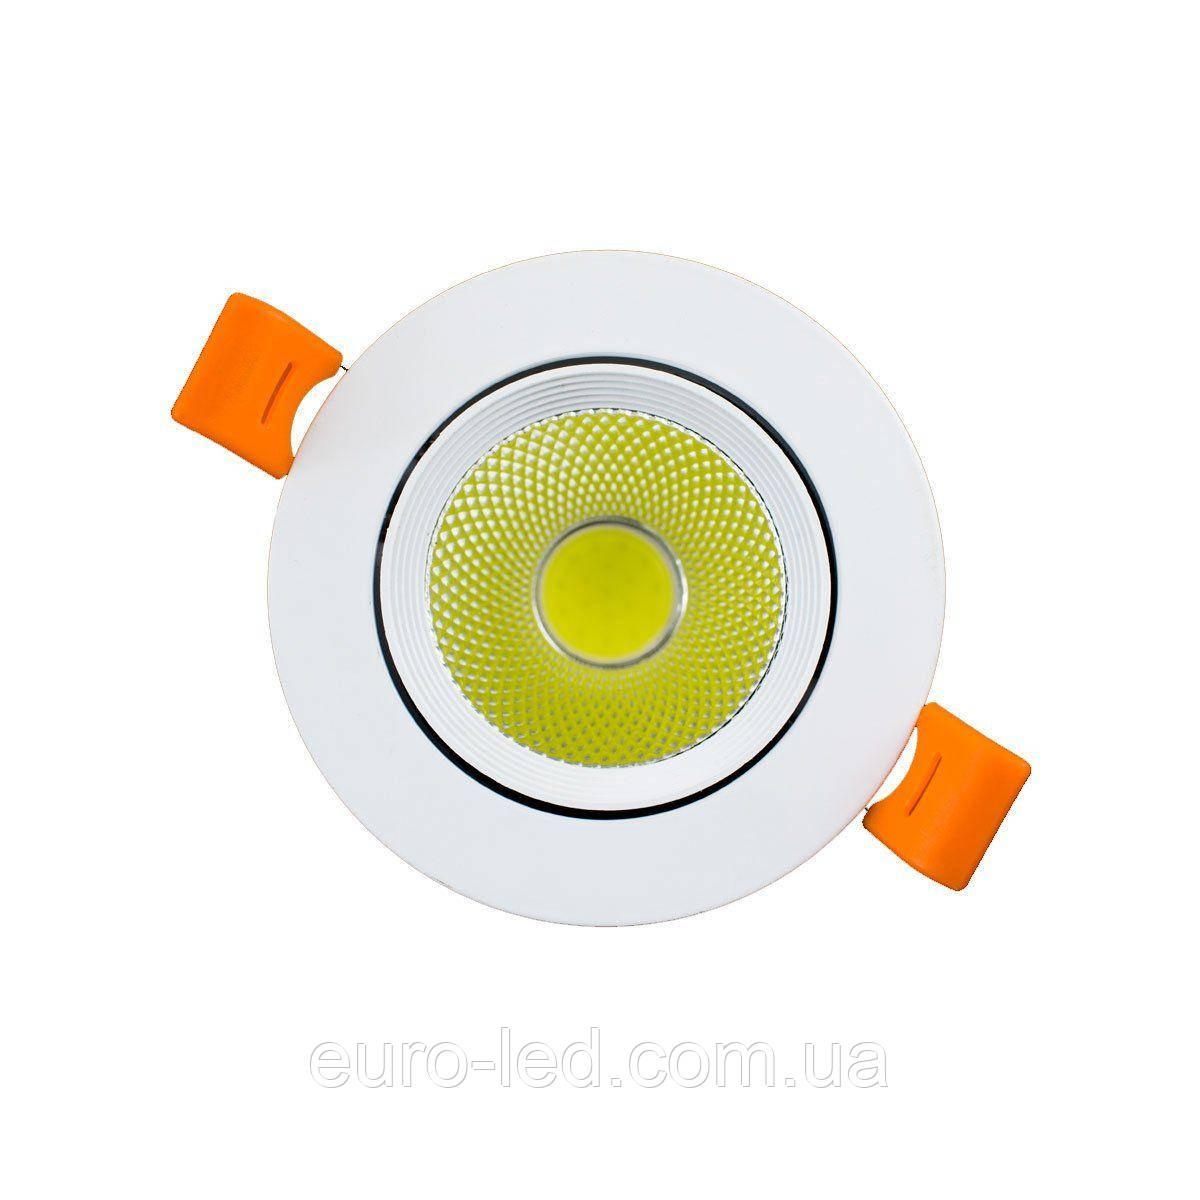 Светильник светодиодный OEM DL-7W-R-COB 7Вт круглый 6000K белый